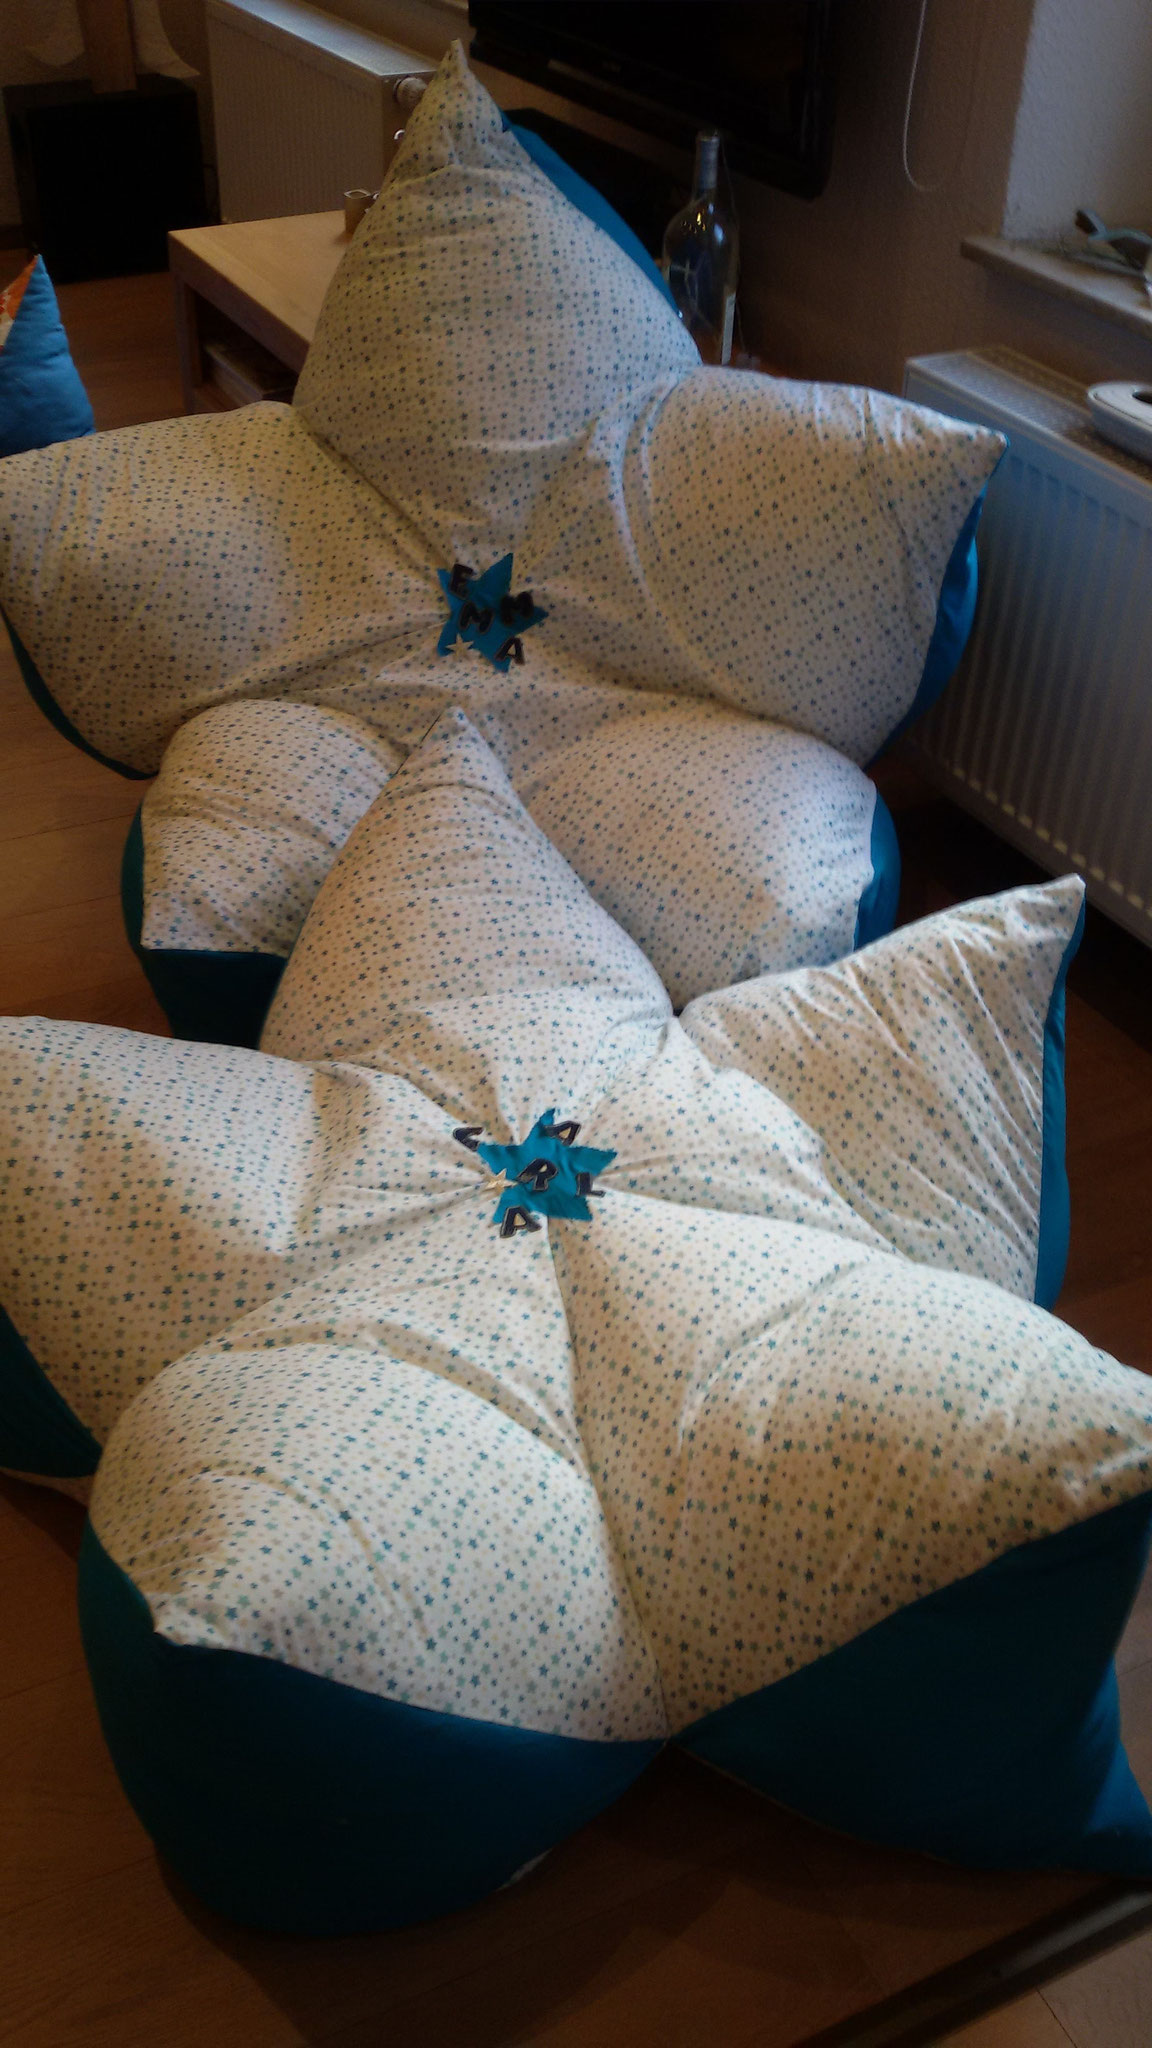 Auftragsarbeit: Sternenkissen 1m Durchmesser für 2 süsse Mädels statt Sitzsack